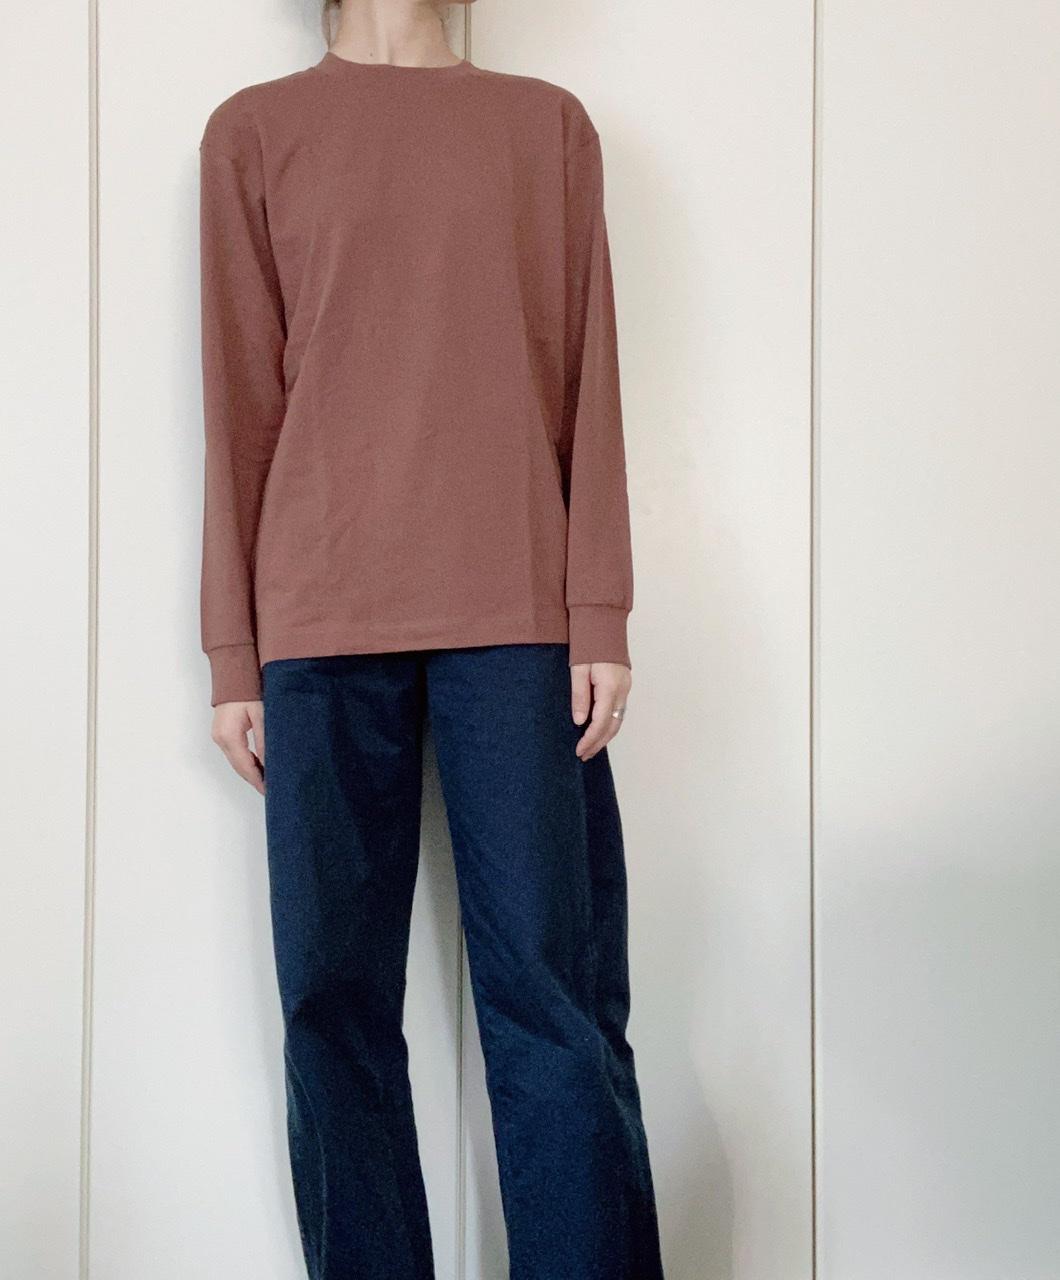 『ユニクロ ユー』ヒートテック発売記念! ライターみかりんがガチ私服で着回し♪ メンズアイテムはどう着こなす?_8